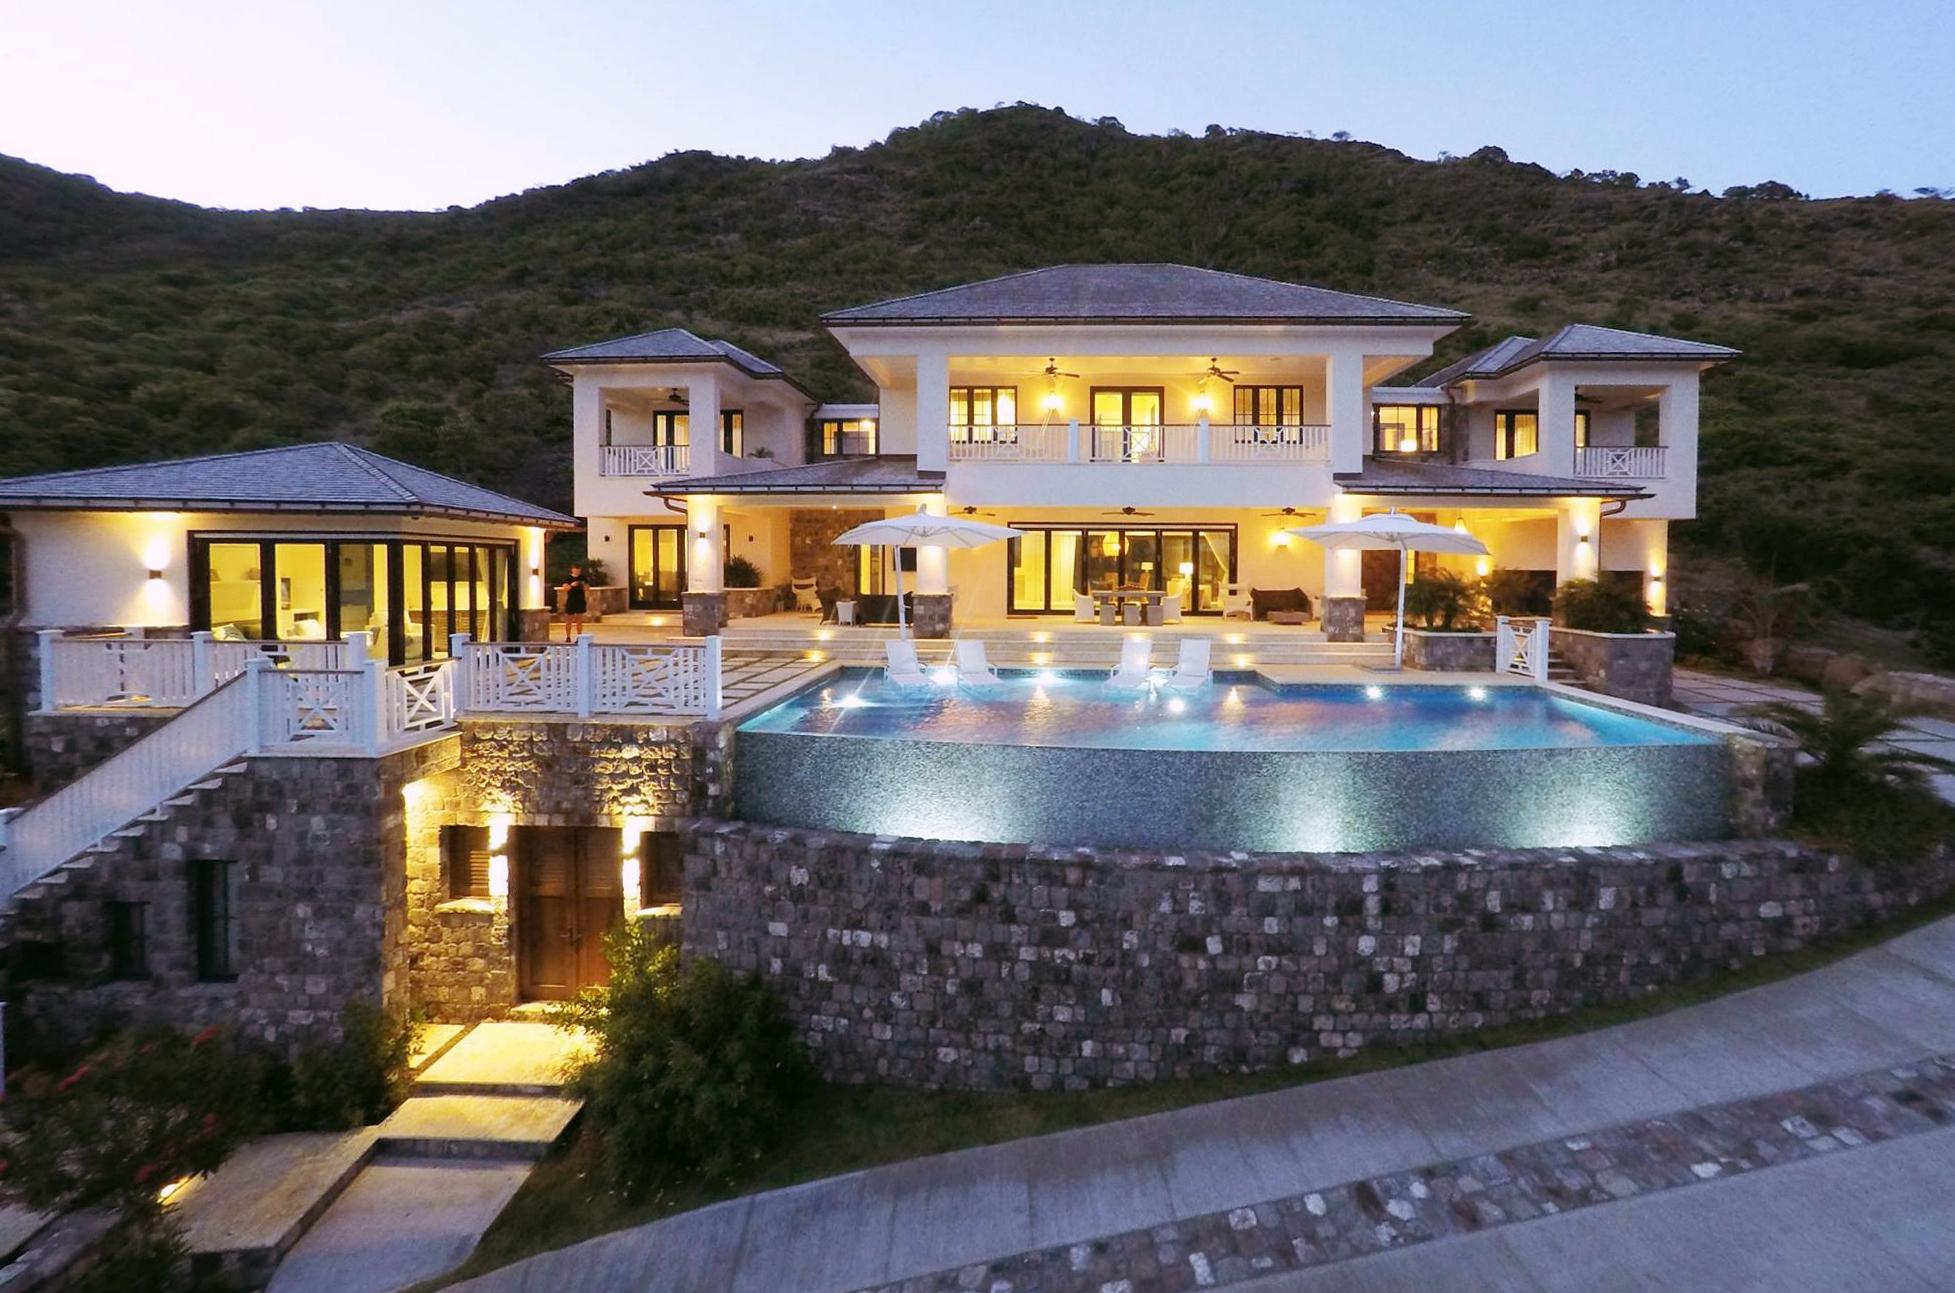 rouse house.jpg